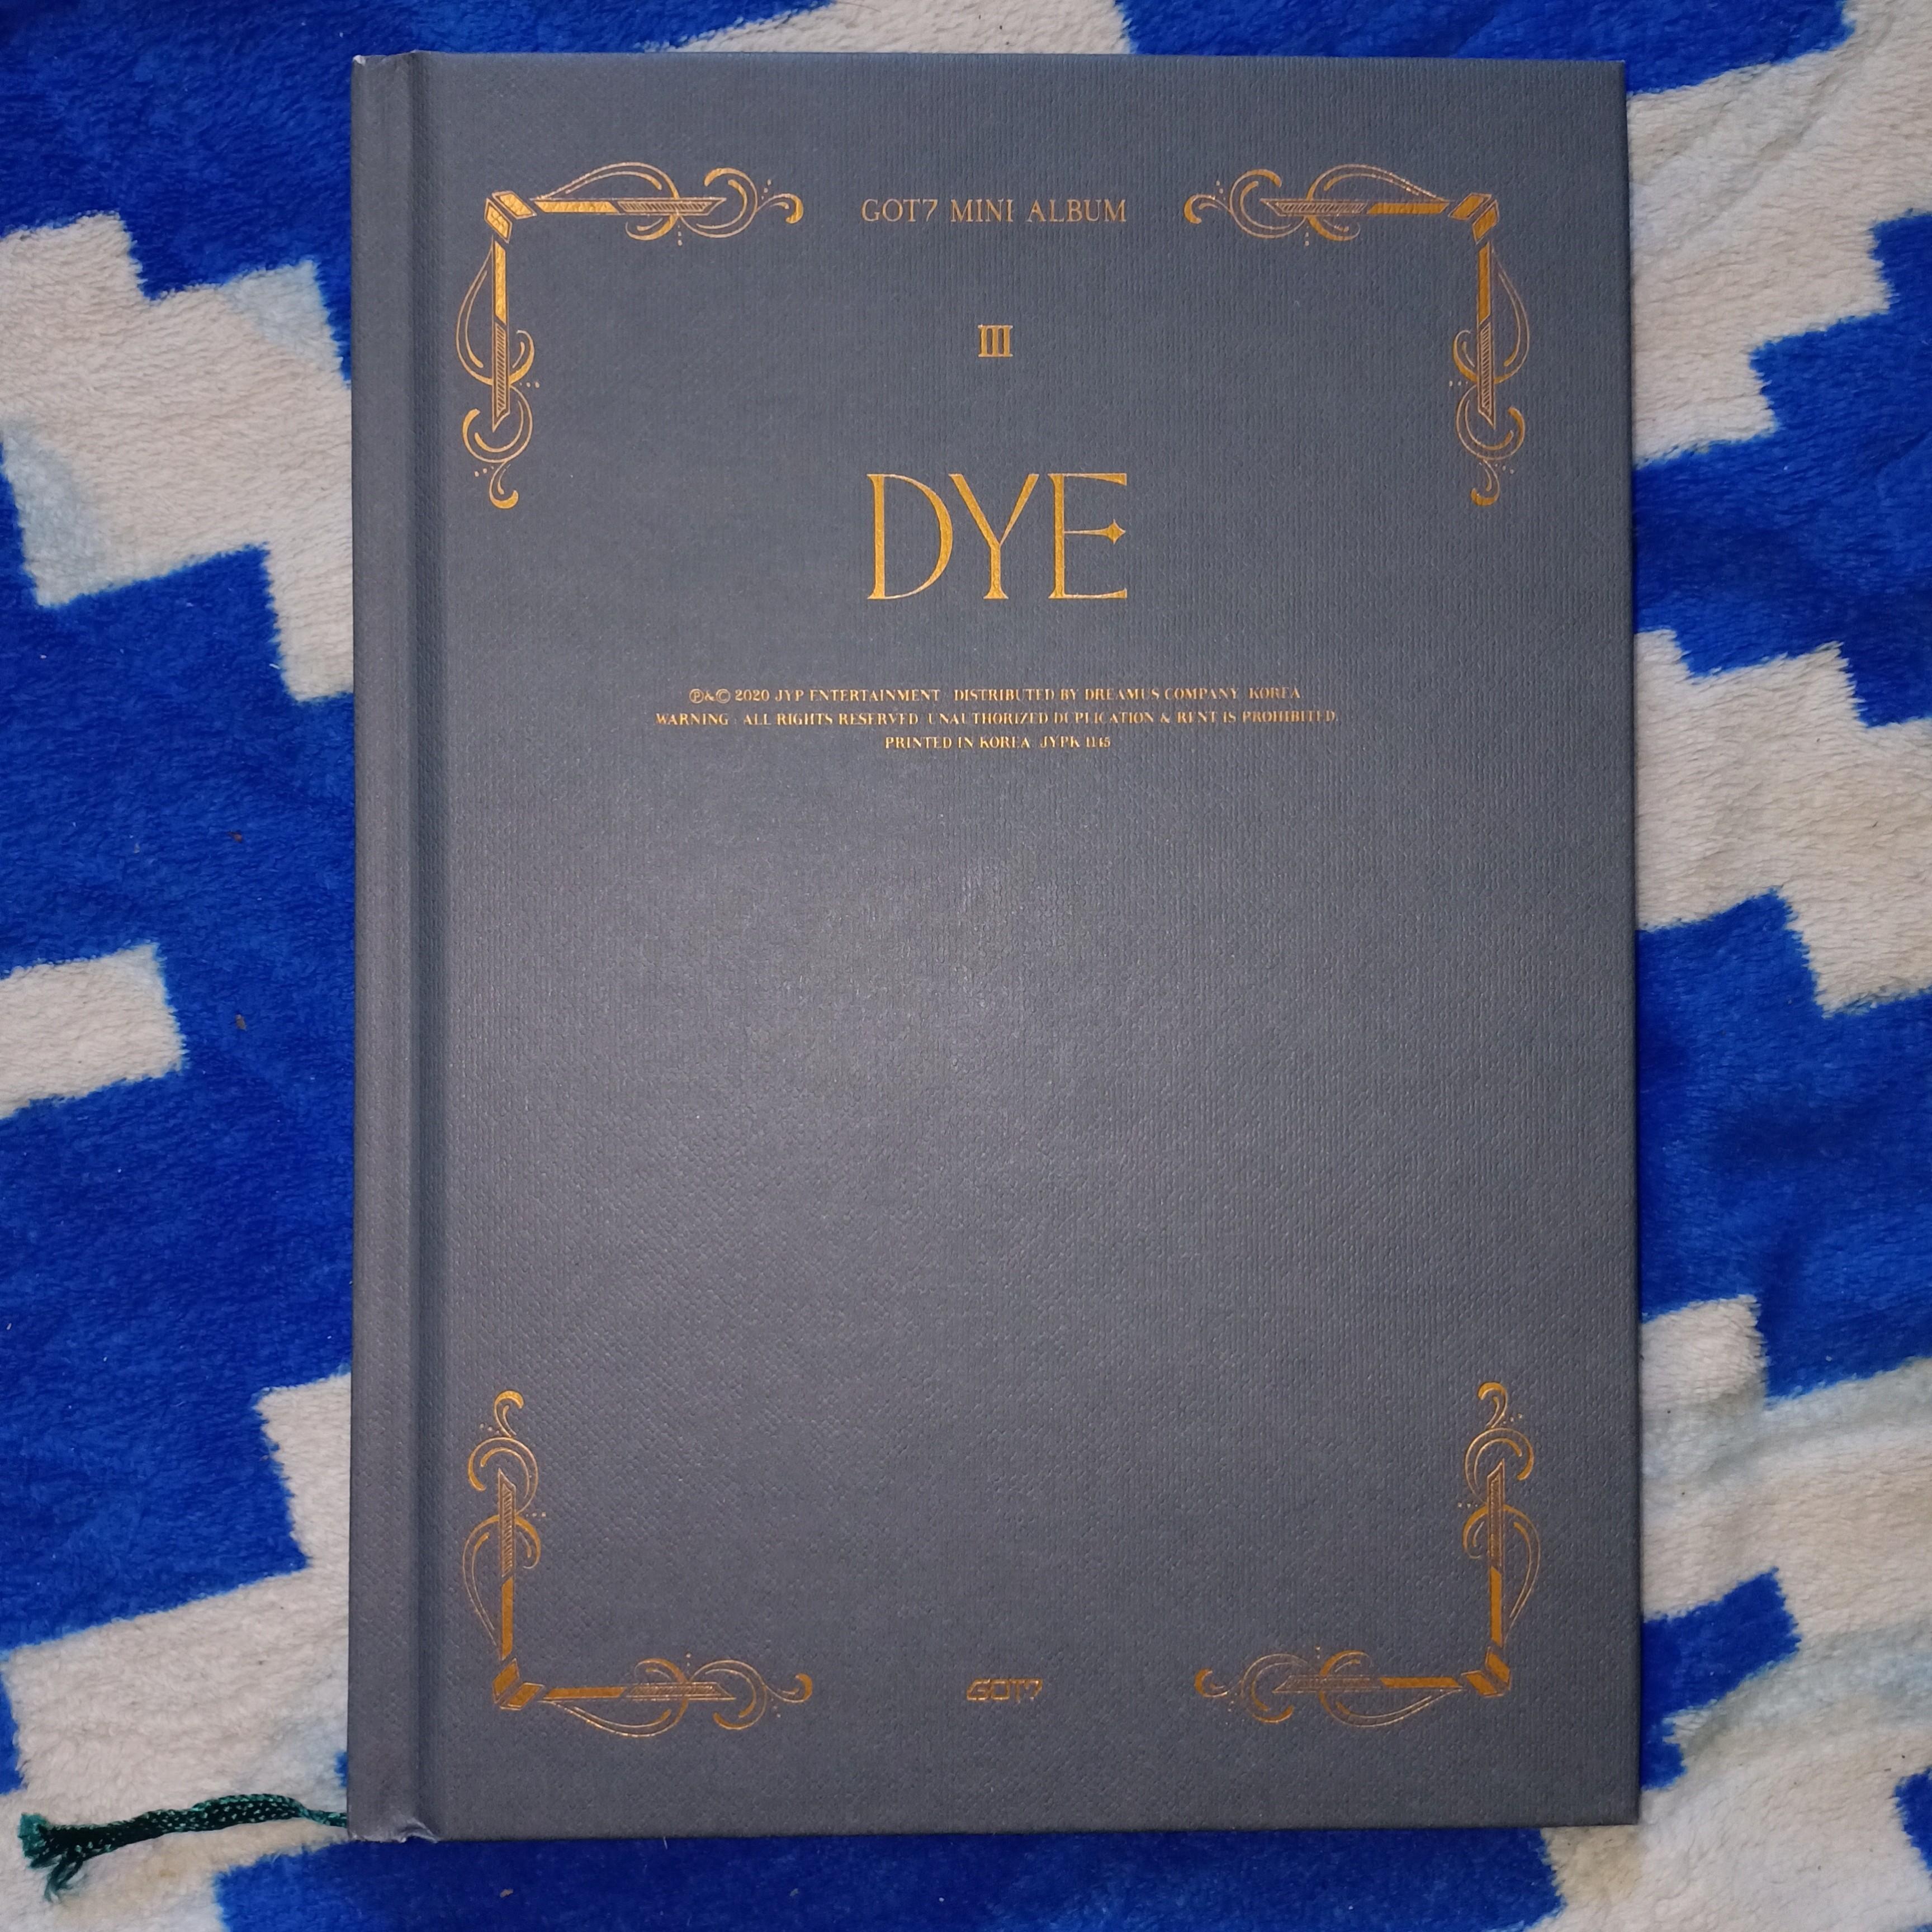 got7 dye album unsealed versio 1590562137 a19181ee